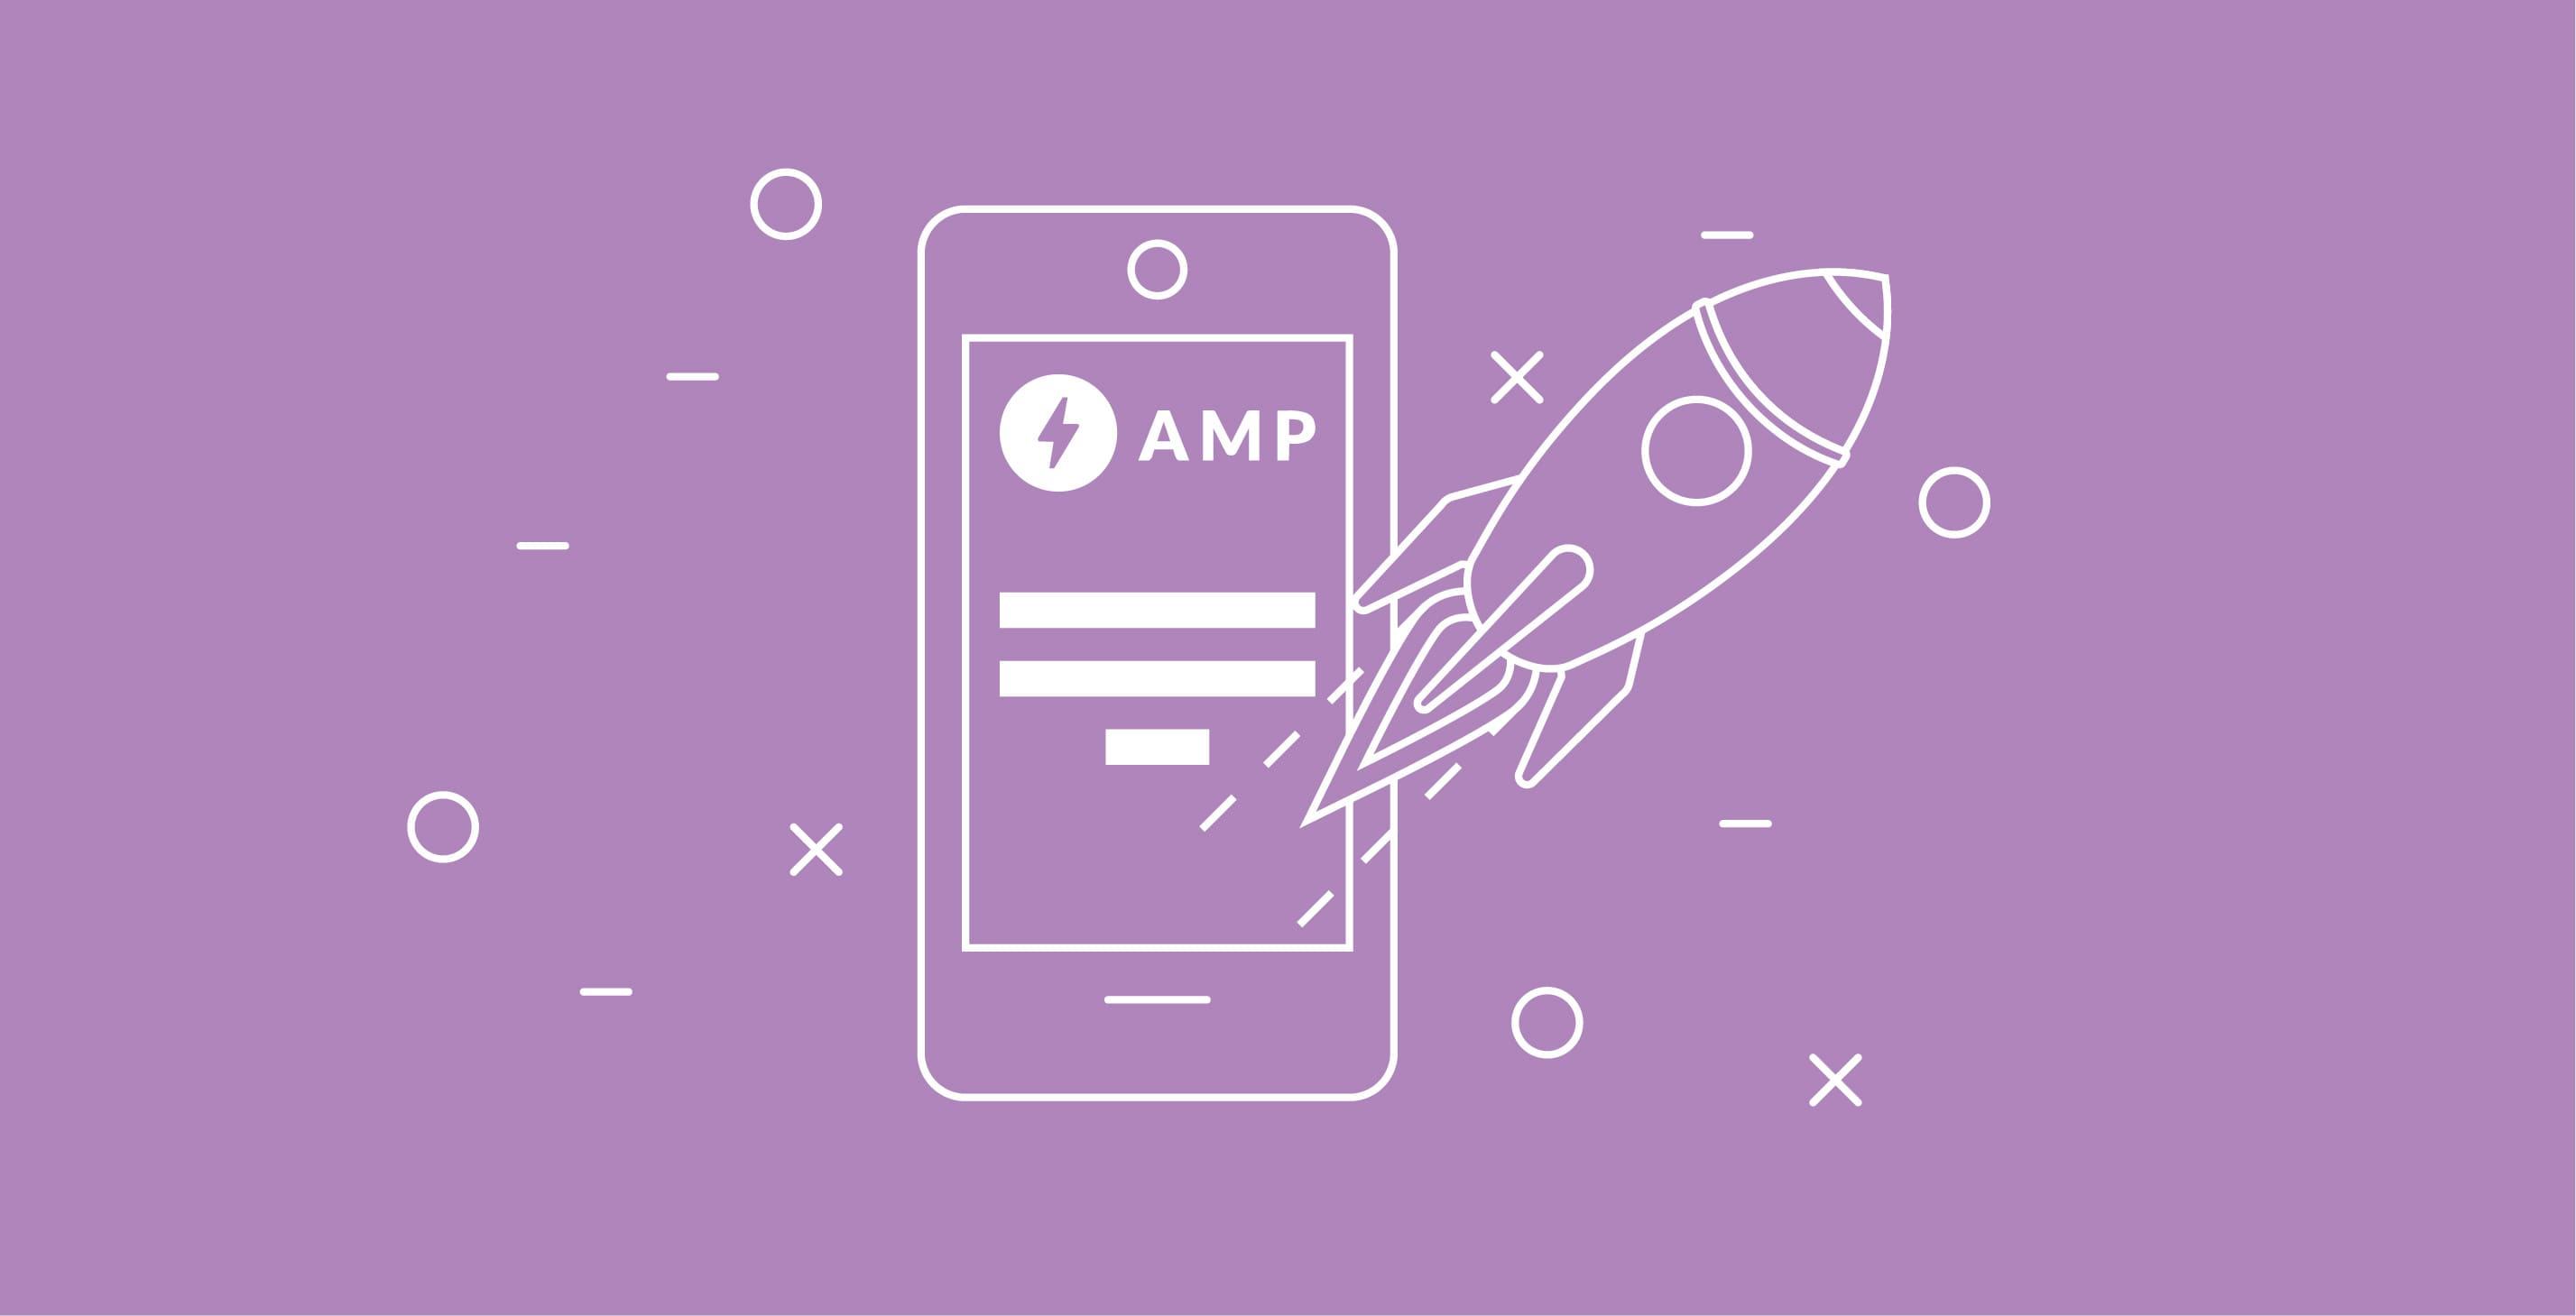 perché implementare le pagine amp